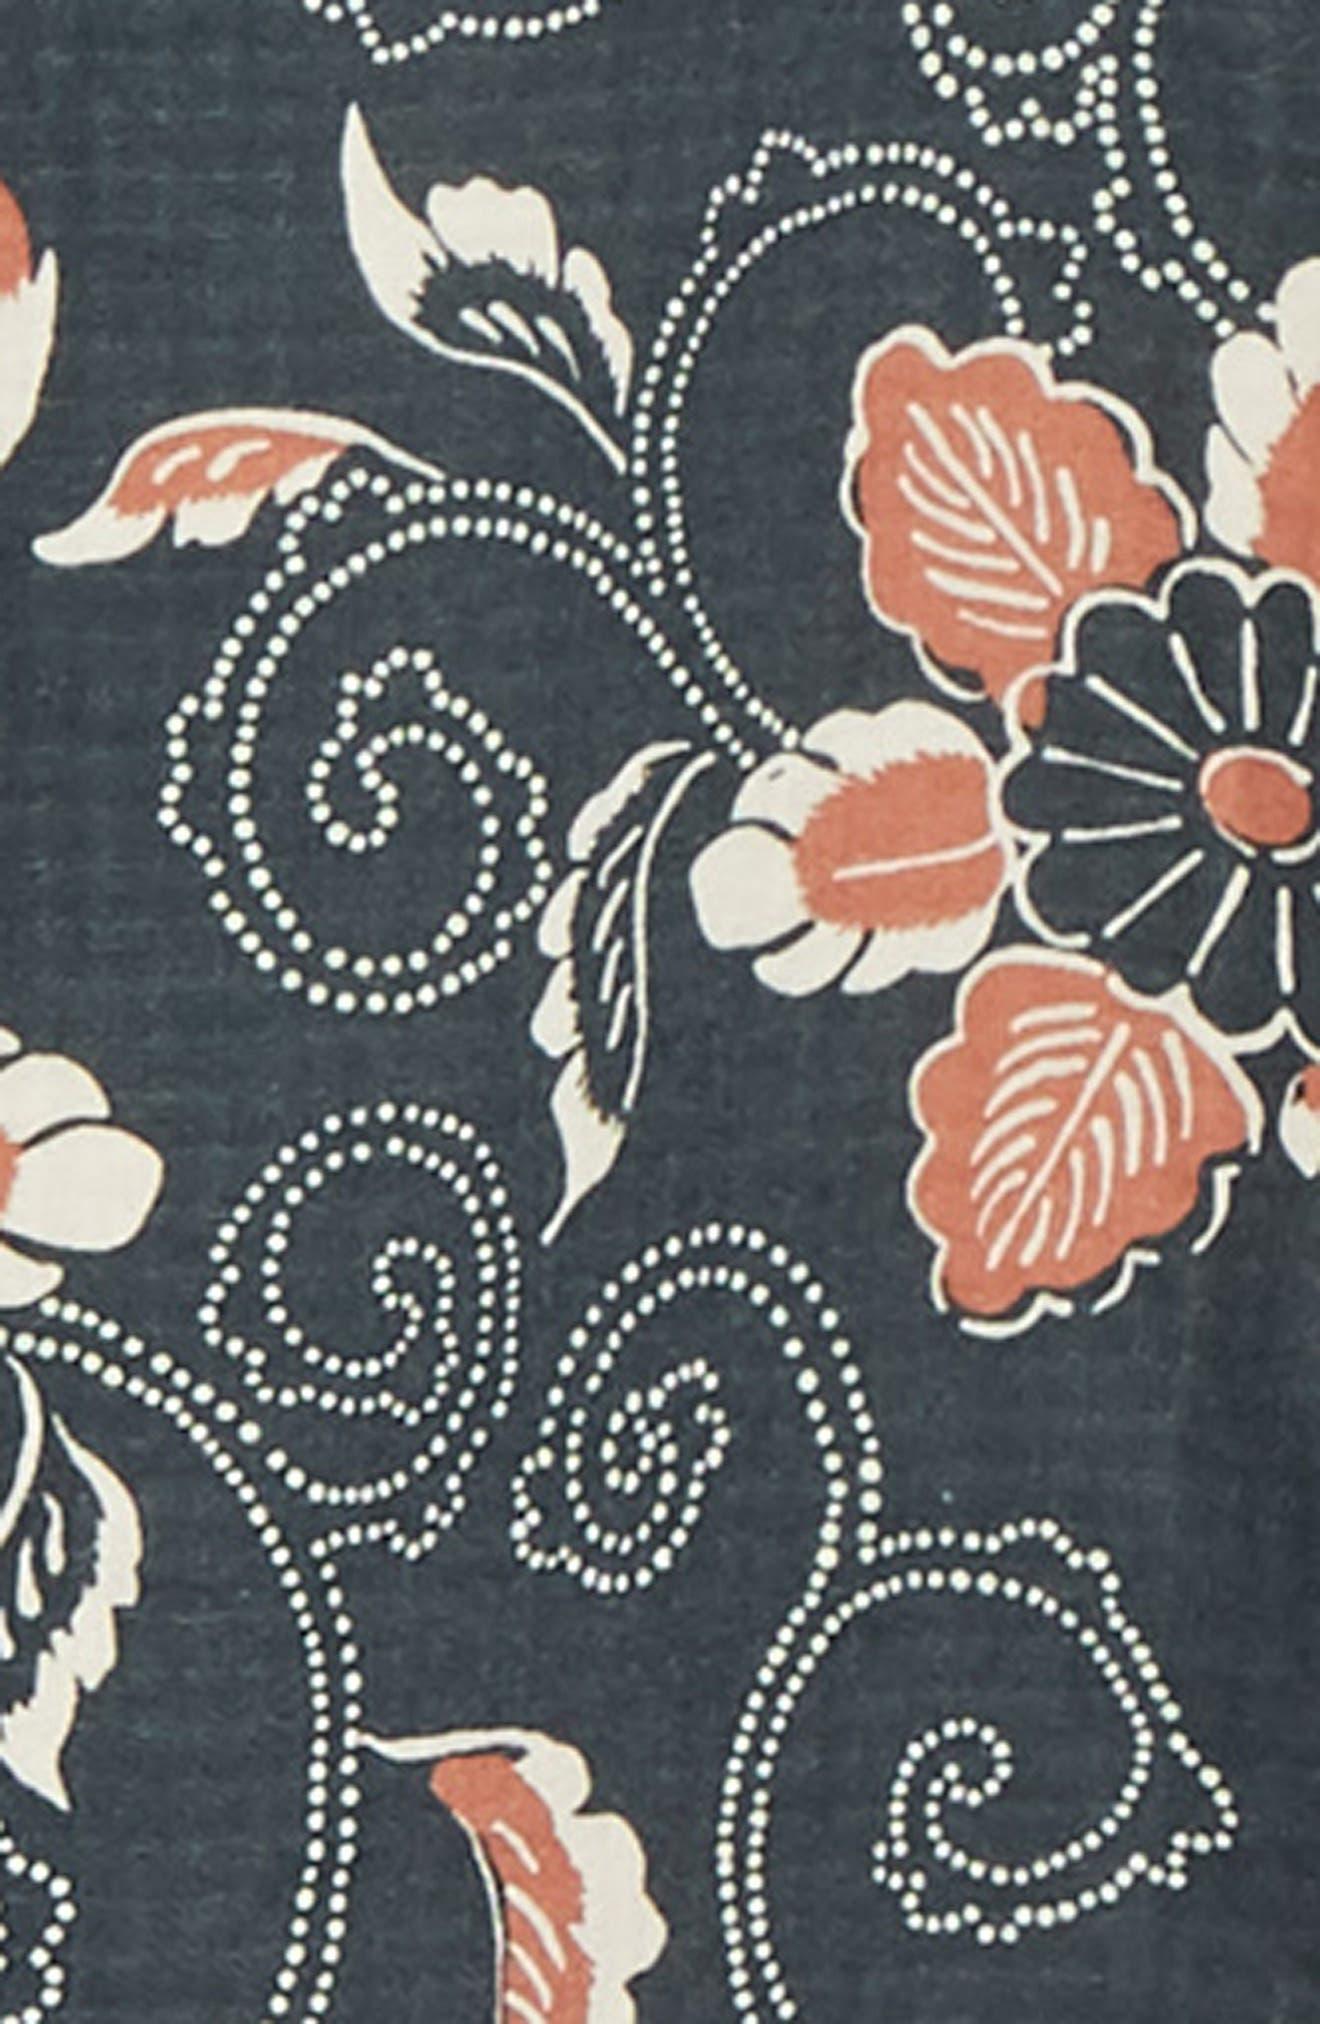 Classic Fit Double Face Floral Print Sport Short,                             Alternate thumbnail 6, color,                             COASTAL